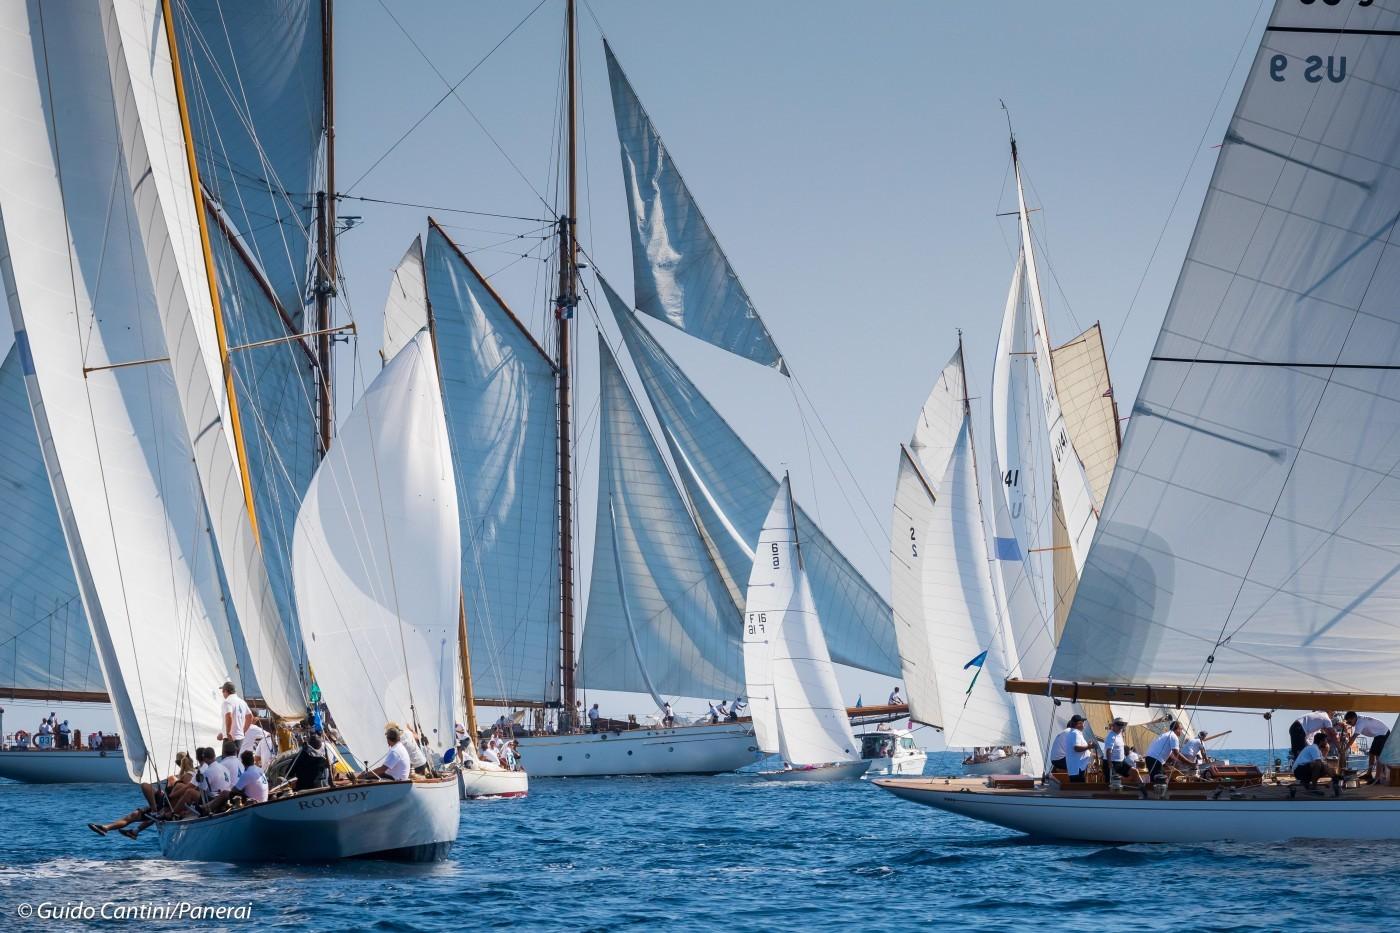 Panerai Classic Yacht Challenge 2017